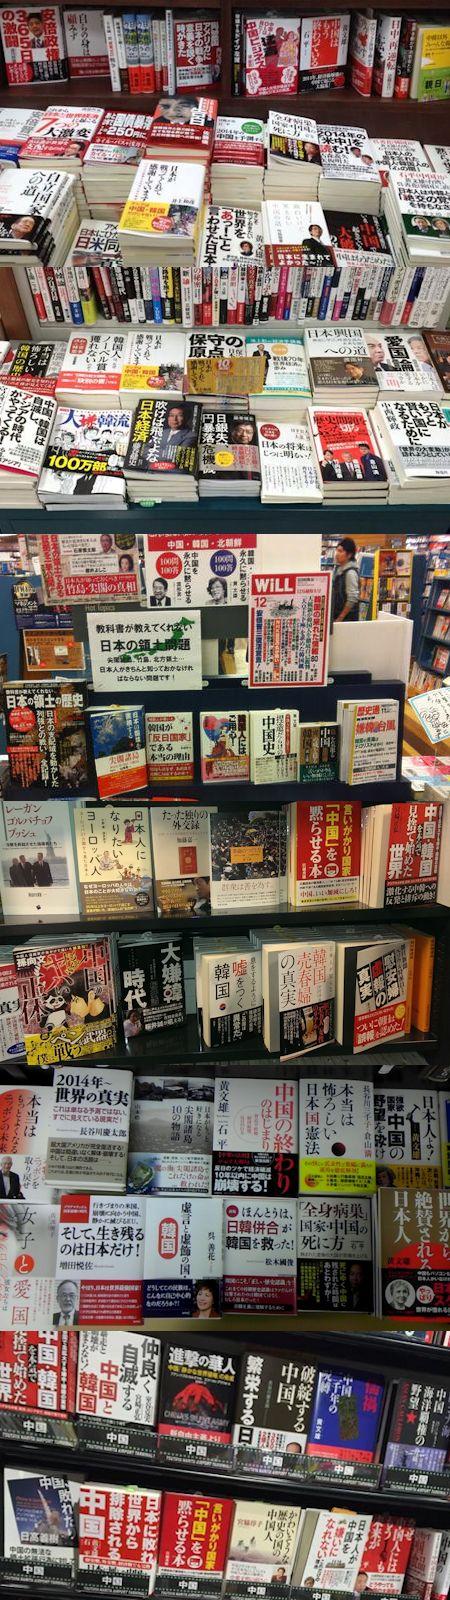 日本人の知能劣化と右翼化 - 価値生産できない無能な貴族社会の結末_c0315619_18501699.jpg